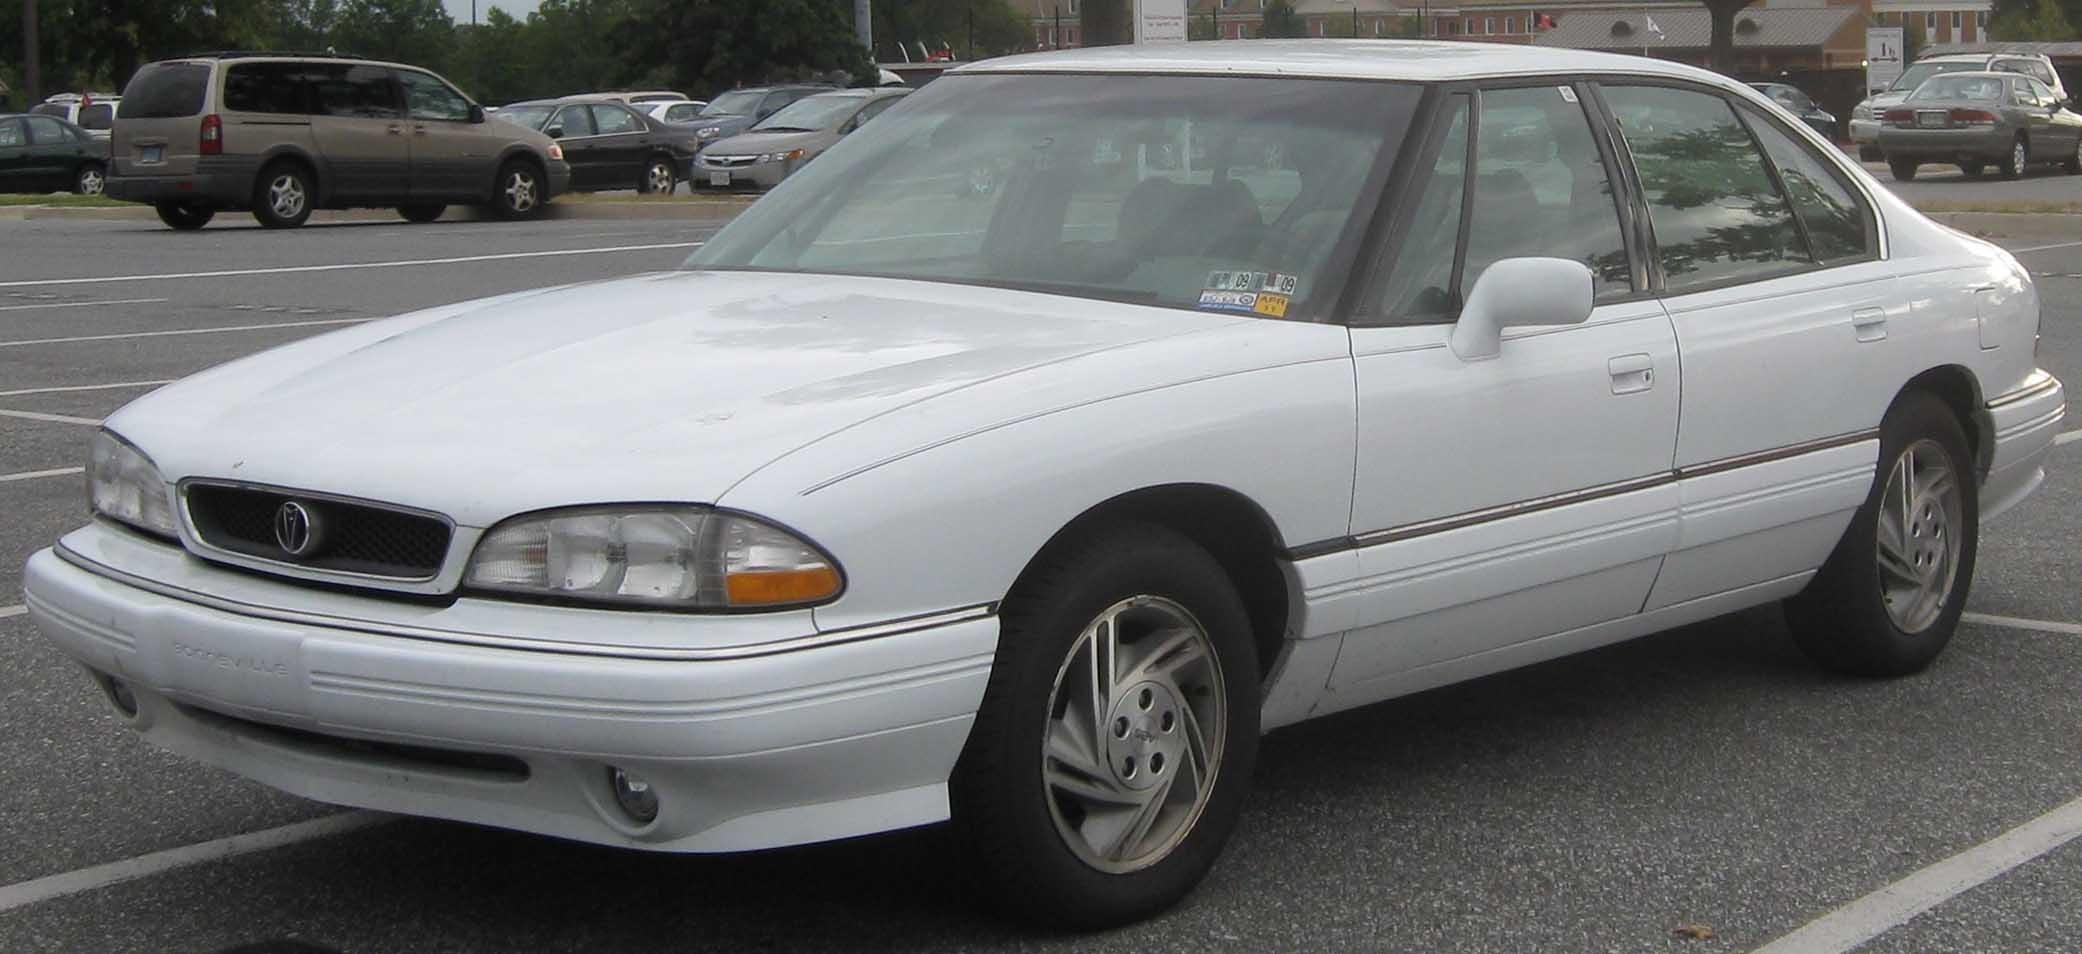 Pontiac Bonneville IX 1991 - 1999 Sedan #8